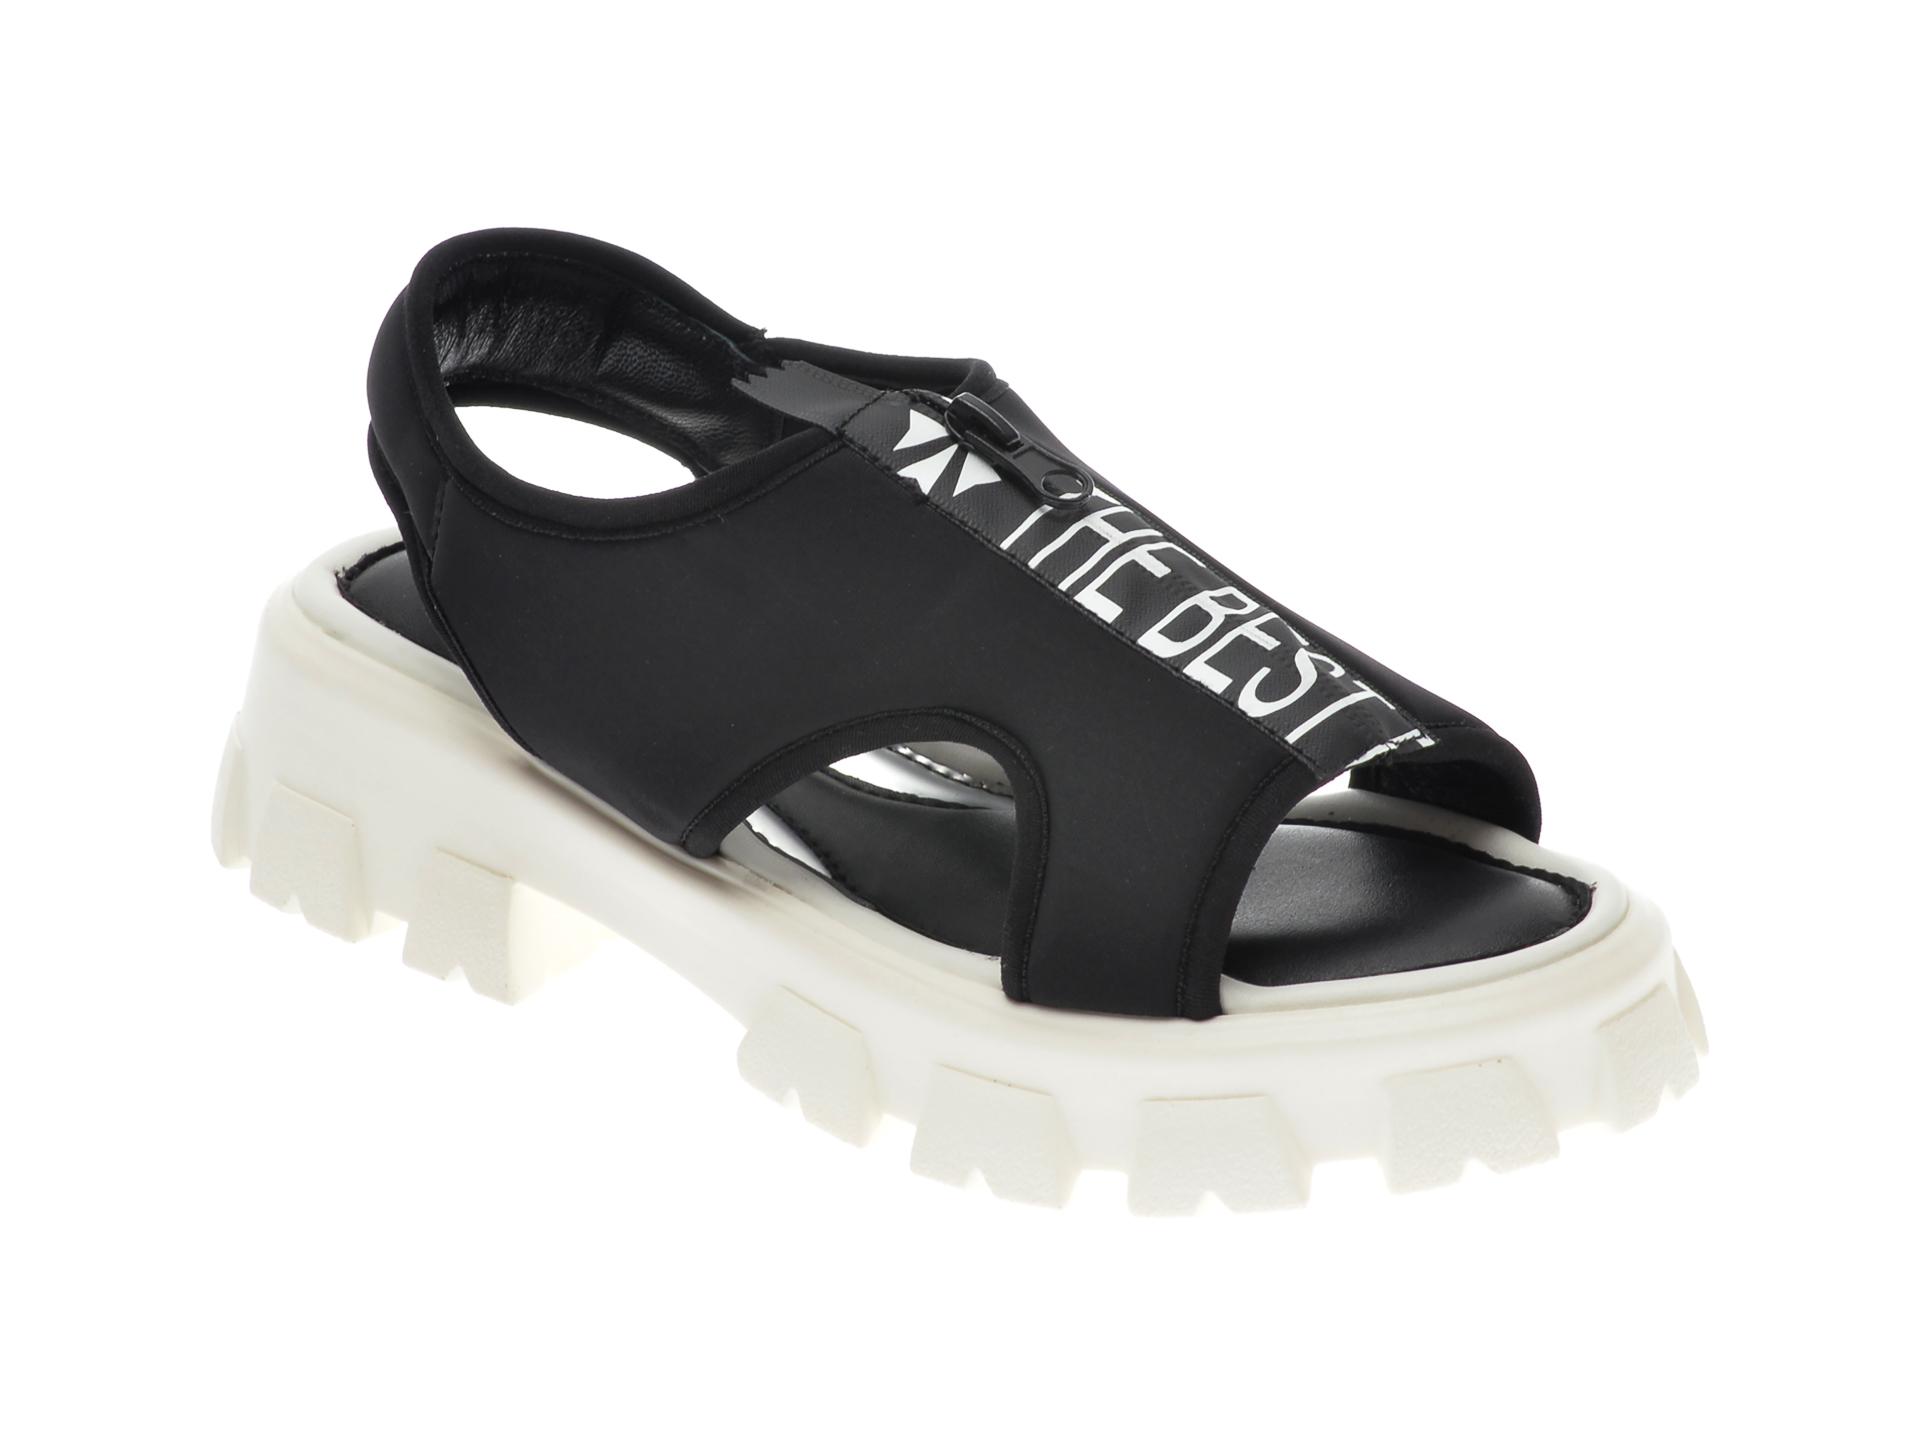 Sandale UNICA negre, A7051, din material textil